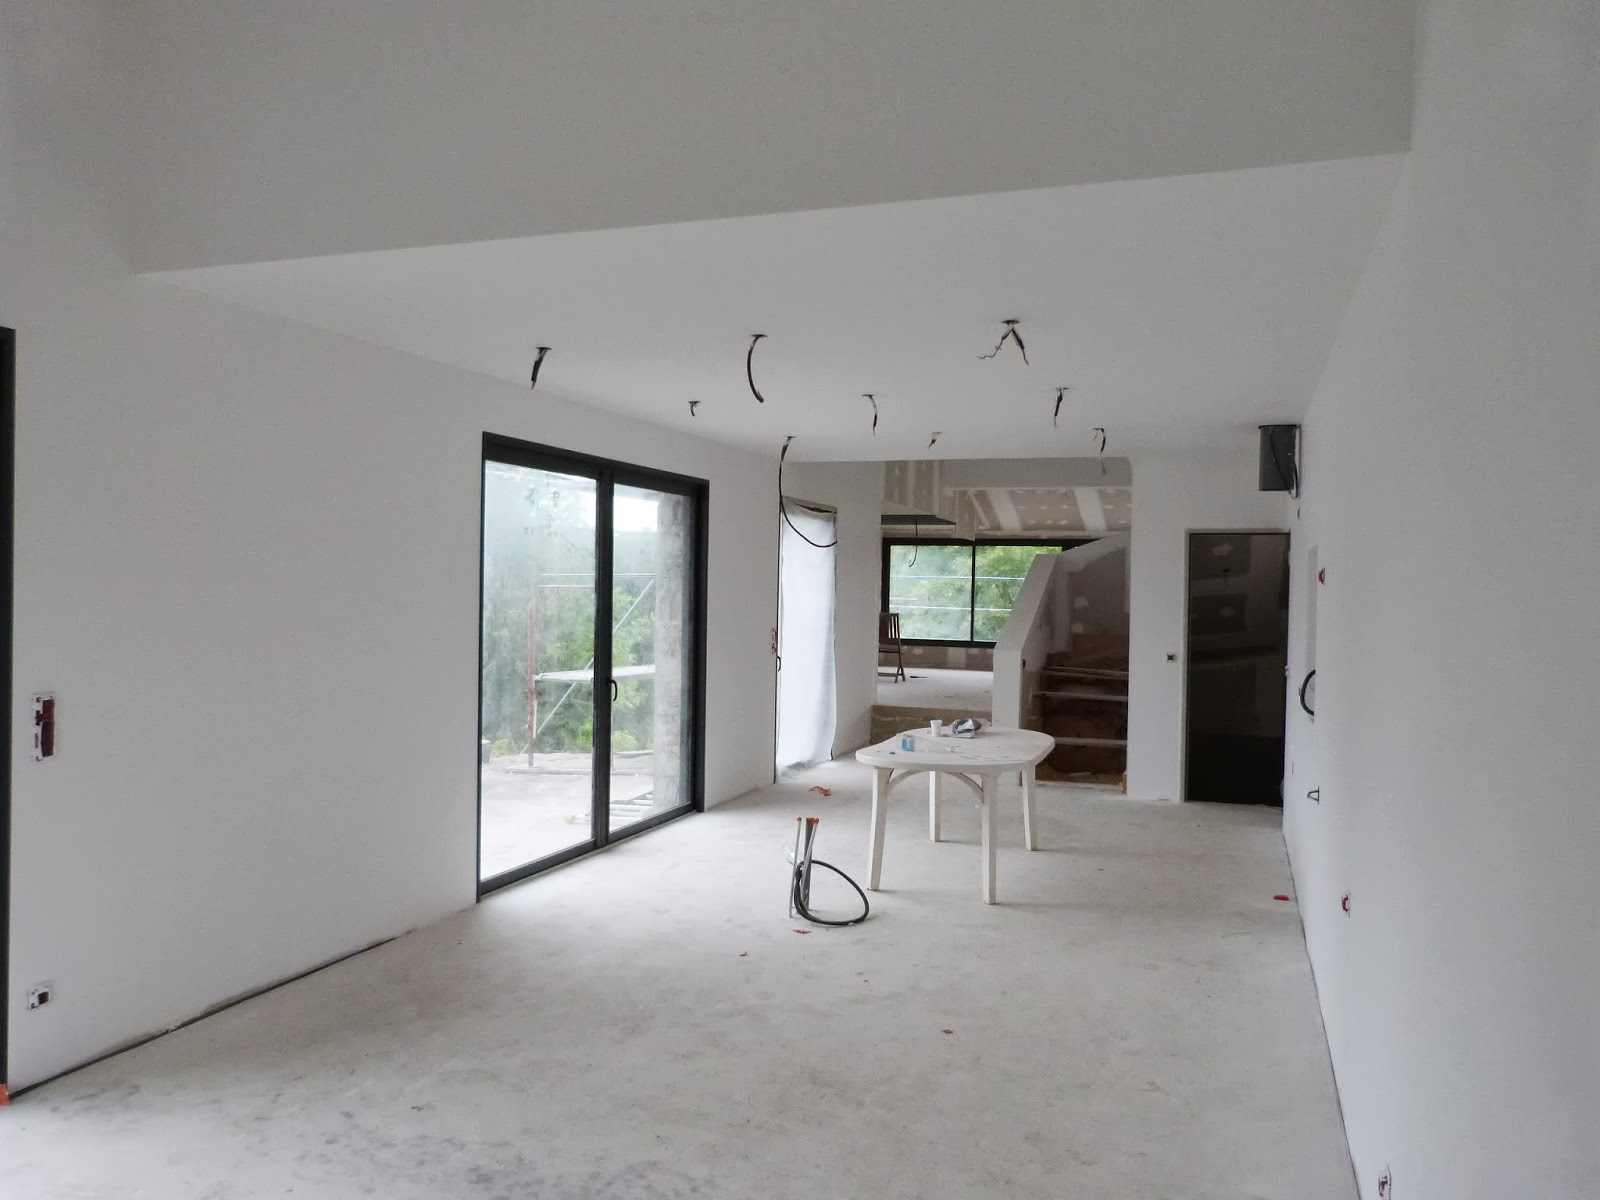 Construire une maison familiale sims 3 troyes travaux de for Prix cuisine 12m2